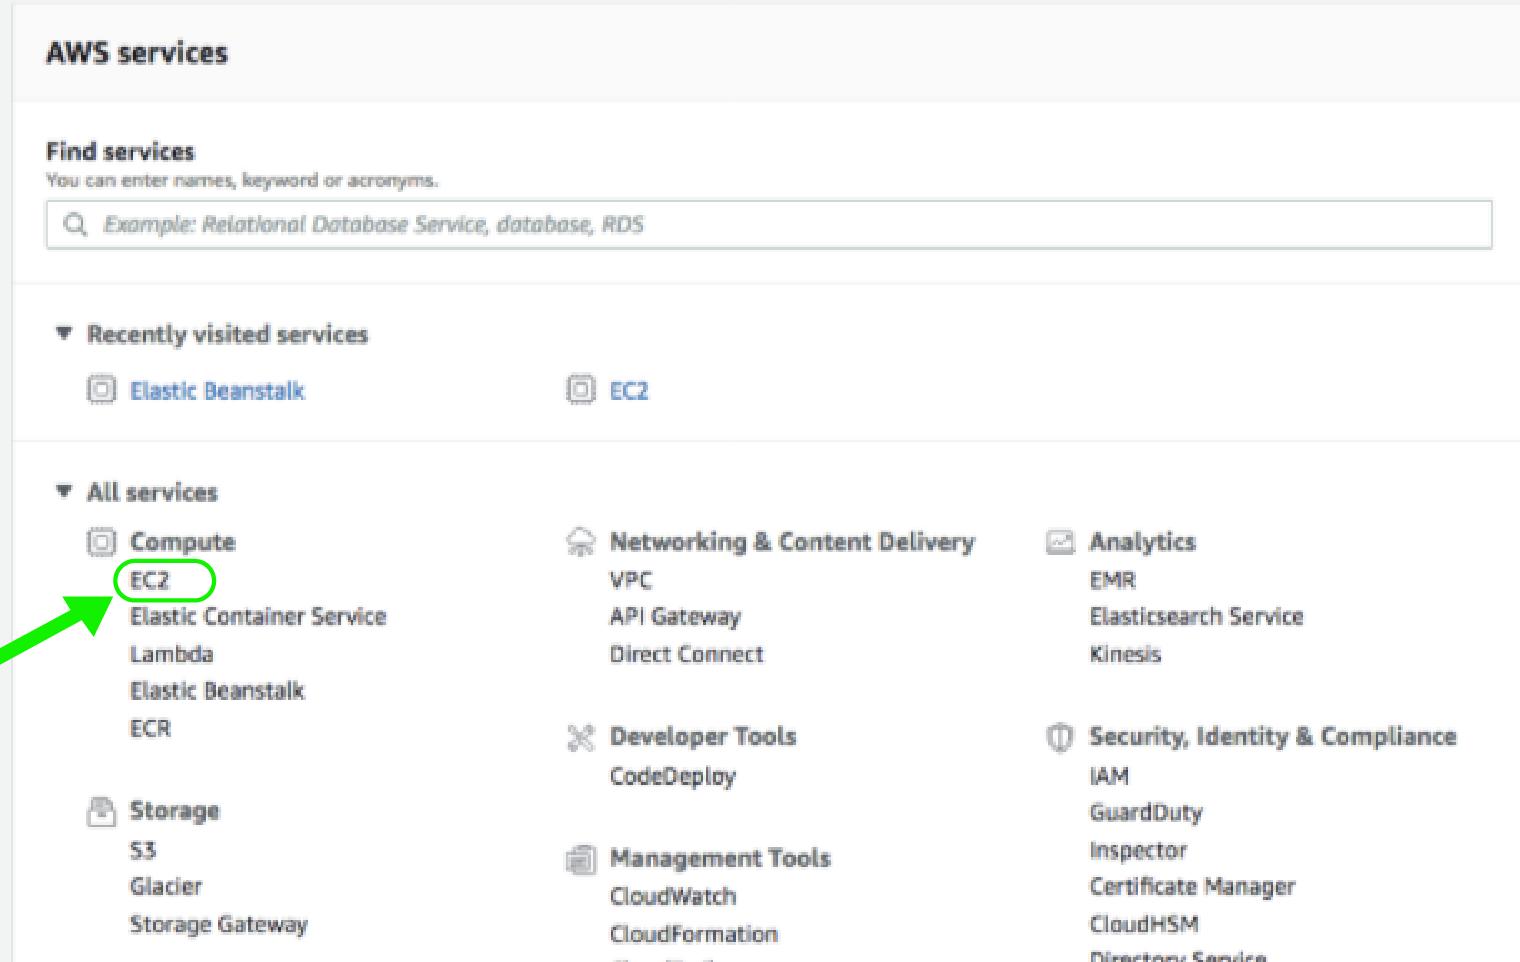 AWS Services Dashboard - EC2